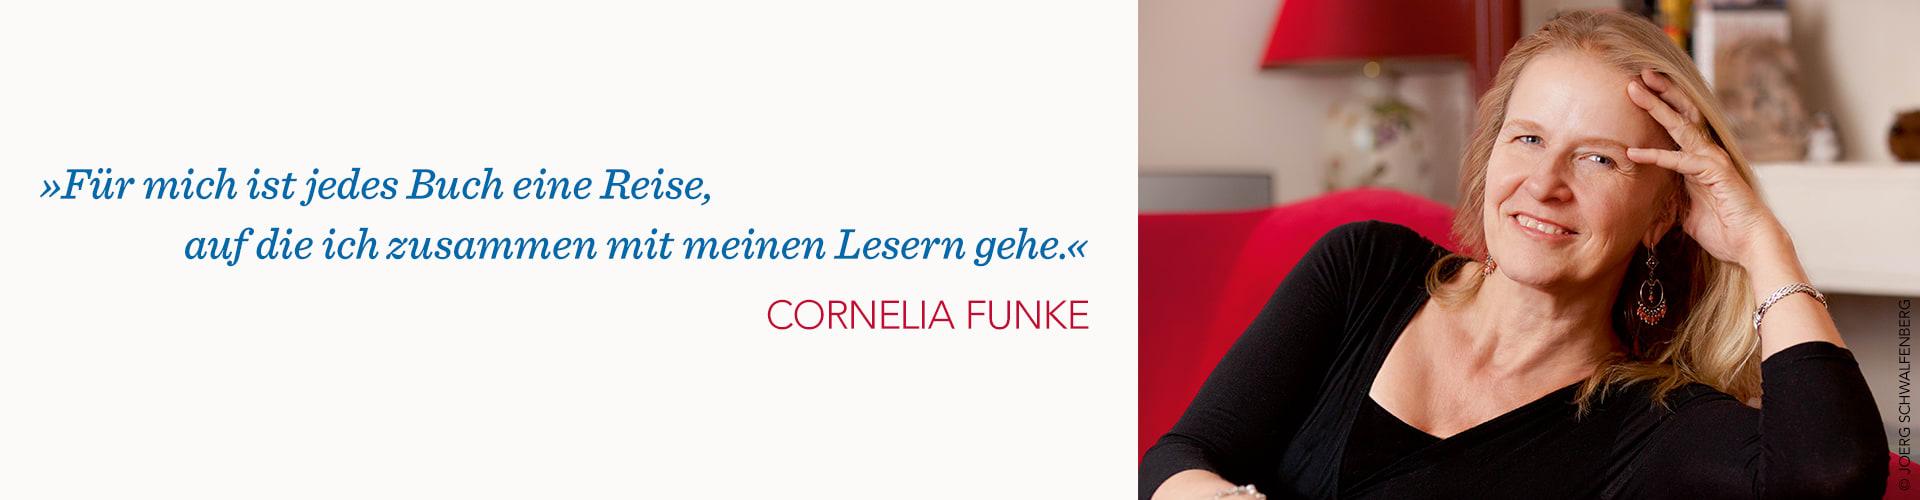 Cornelia Funke Portrait und Zitat